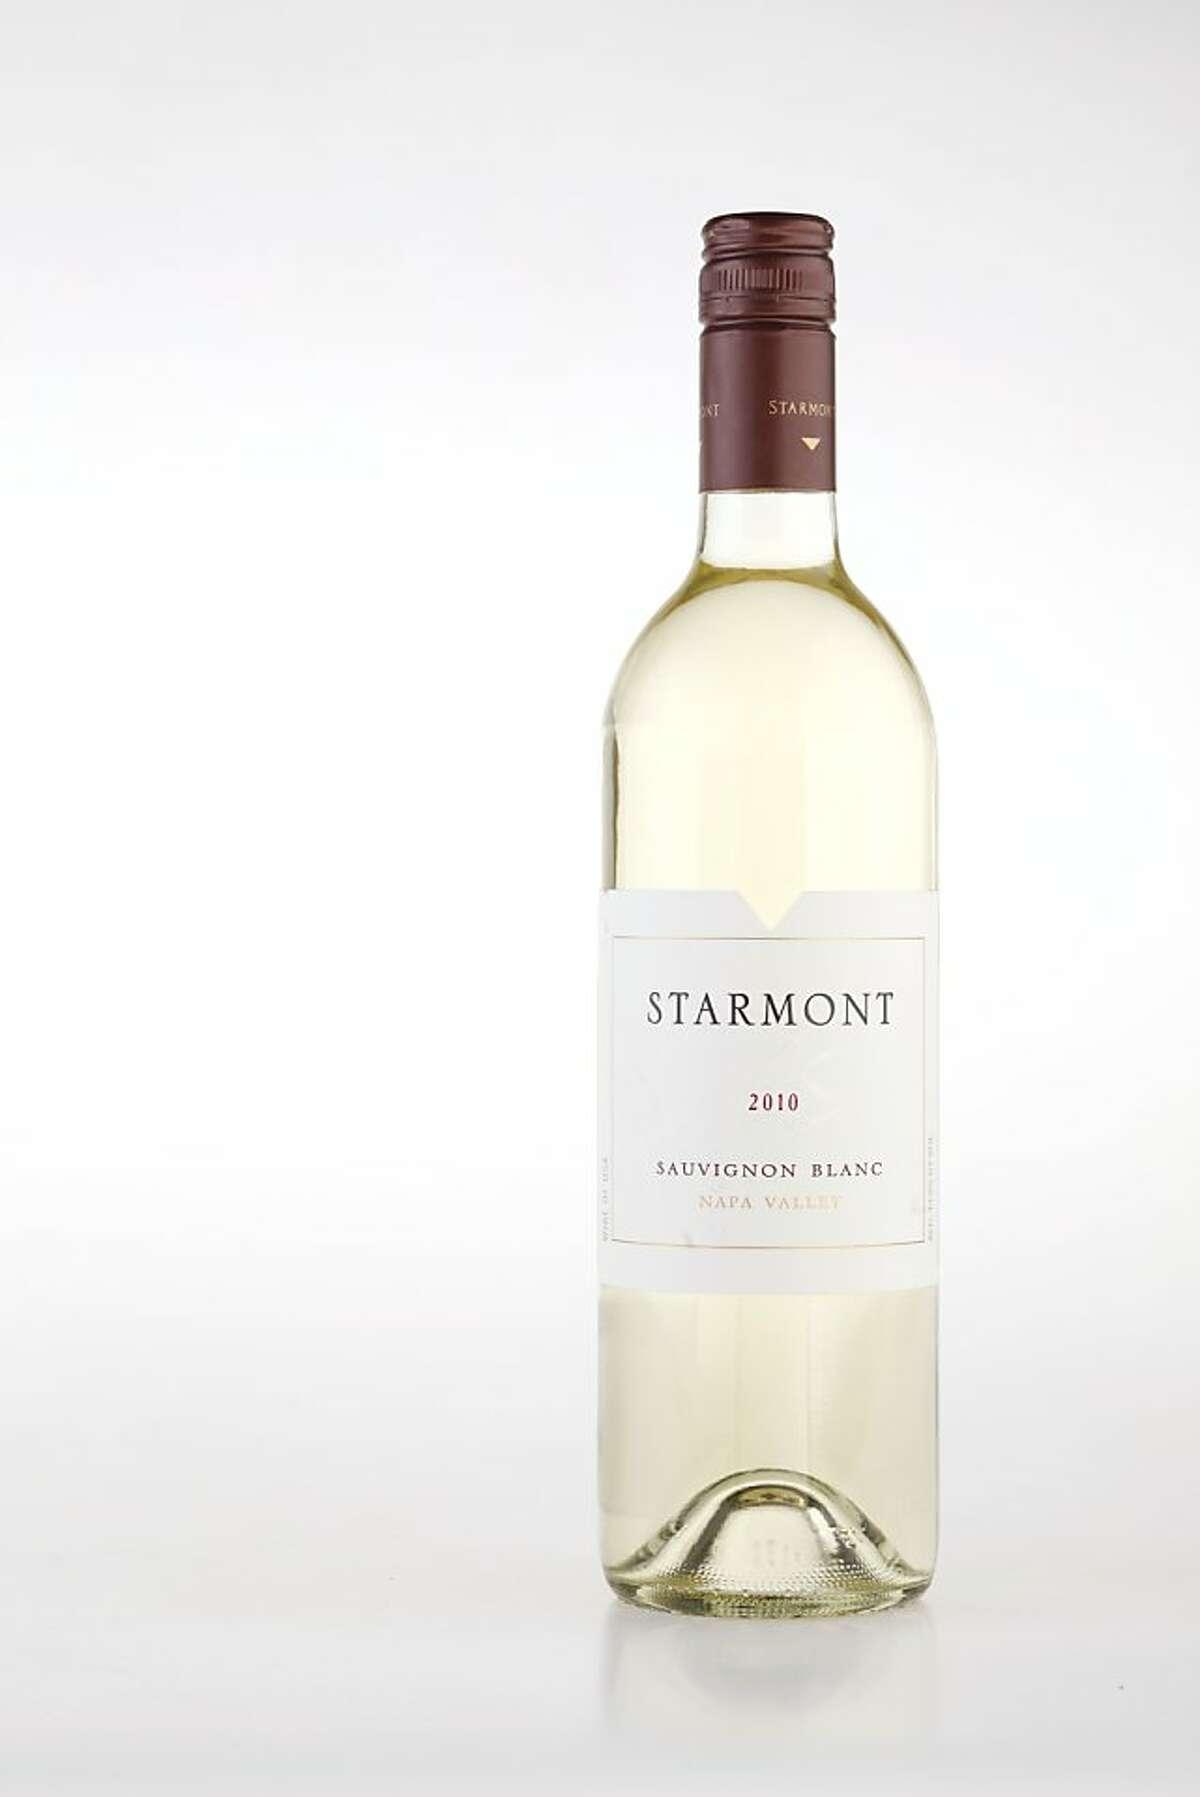 2010 Starmont Napa Valley Sauvignon Blanc